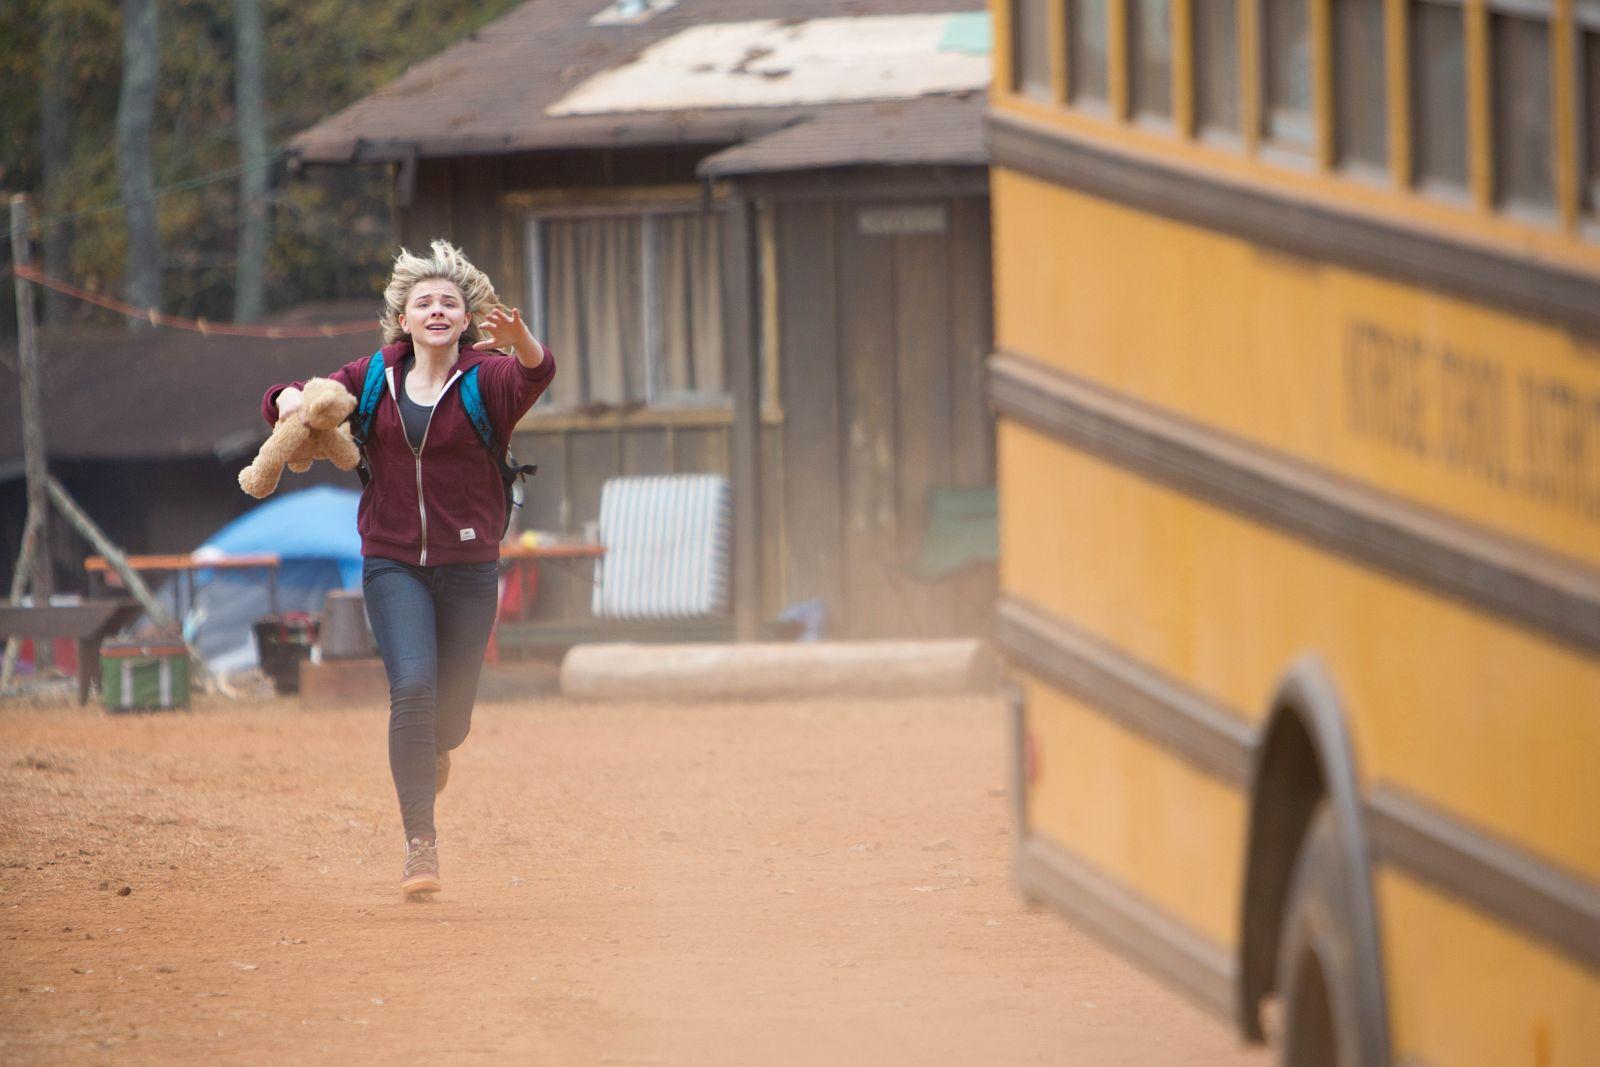 La quinta onda: Chloë Grace Moretz in un drammatico momento del film